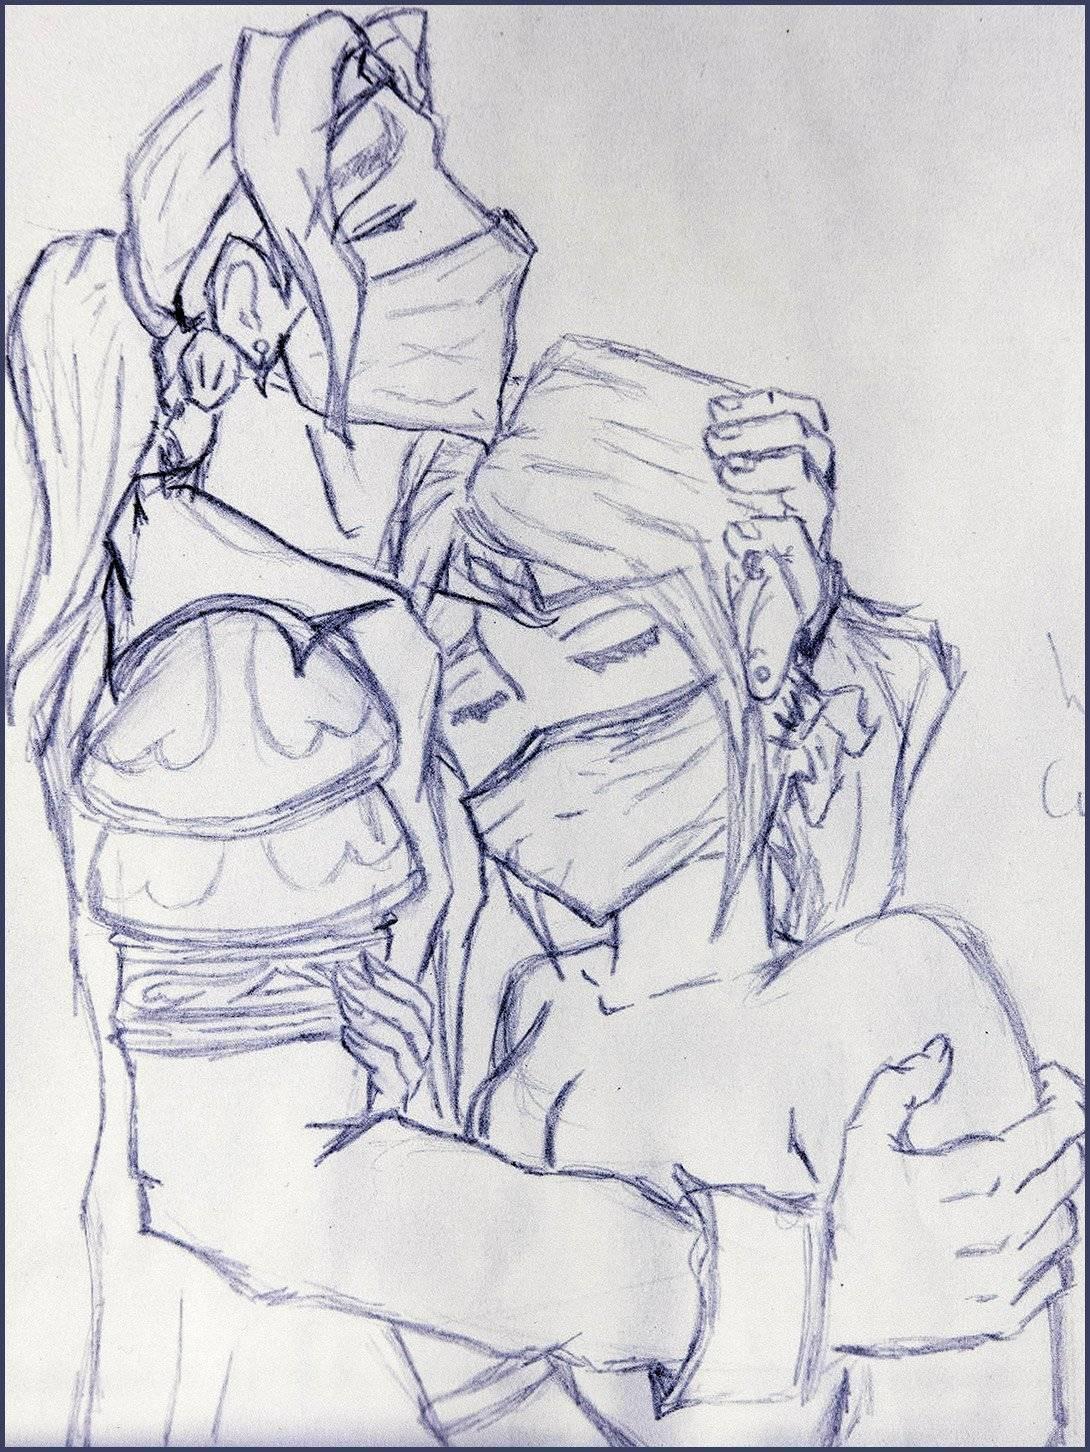 Ibelin abraça Rumour, desenho feito por Lisette Roovers